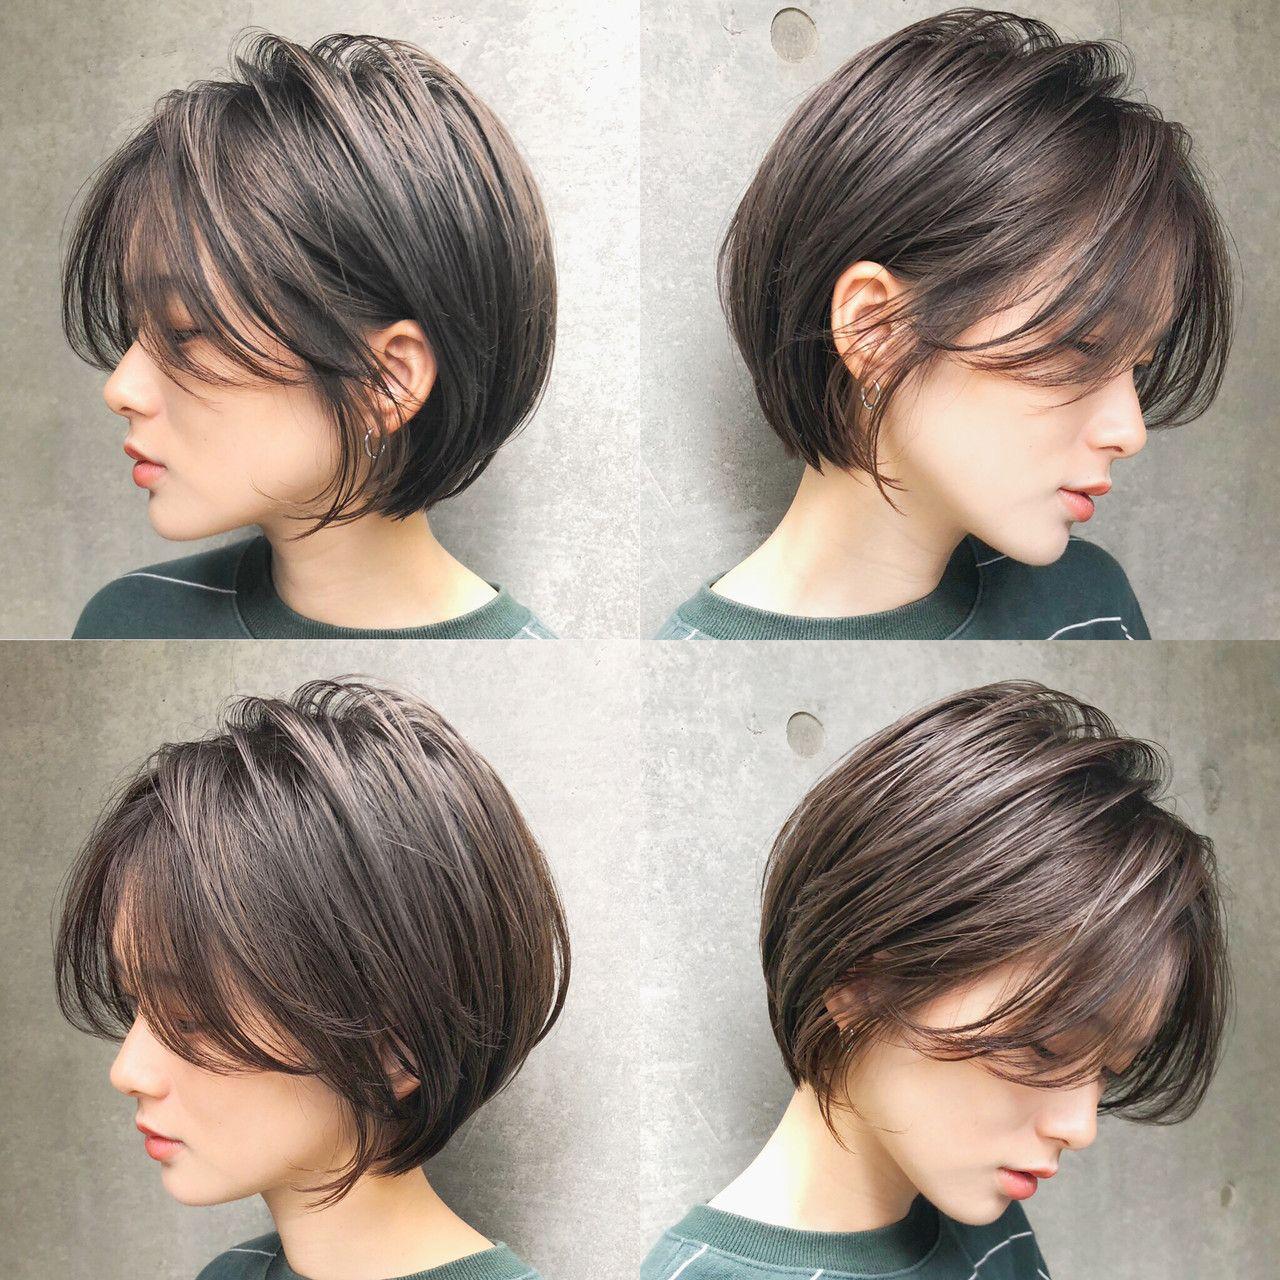 おしゃれに見える ショート ロングまでの髪型 アレンジ集 短い髪